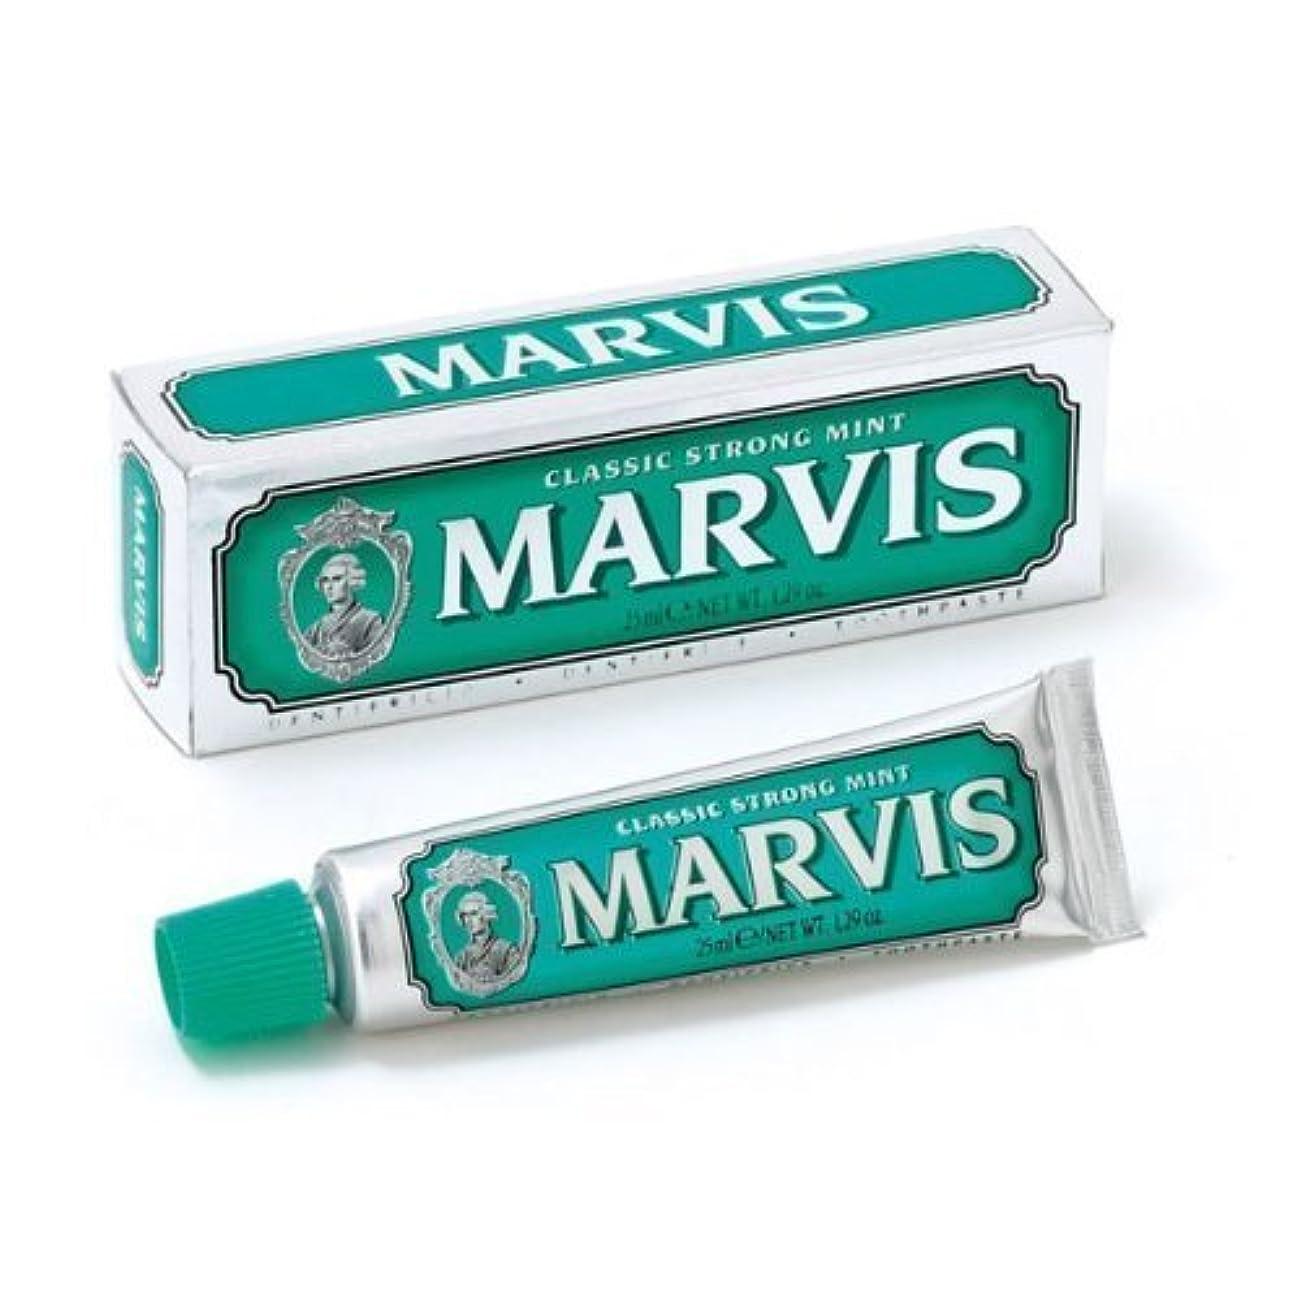 サービス訪問実験室Marvis Toothpaste - Classic Strong Mint 25ml Travel Size - 4 PACK by Marvis [並行輸入品]